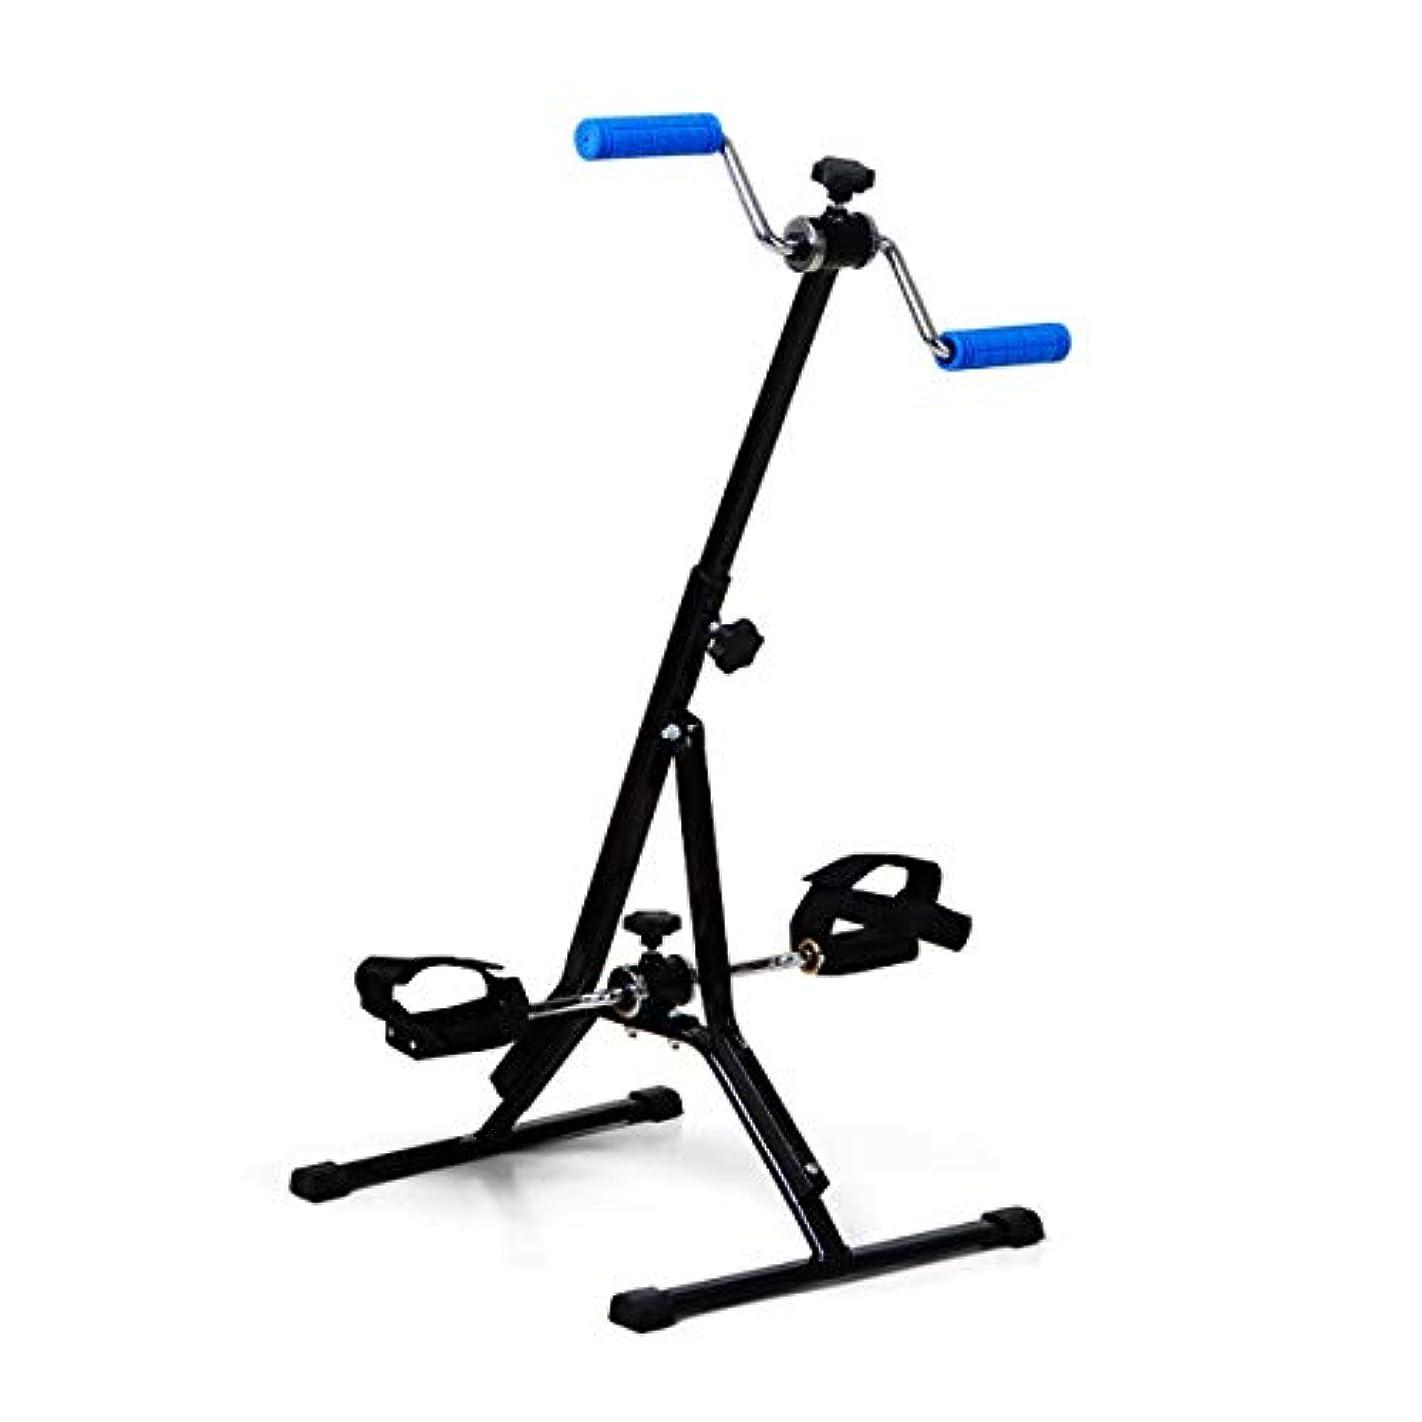 上肢および下肢のトレーニング機器、ホームレッグアームペダルエクササイザー、高齢者の脳卒中片麻痺リハビリテーション自転車ホーム理学療法フィットネストレーニング,A